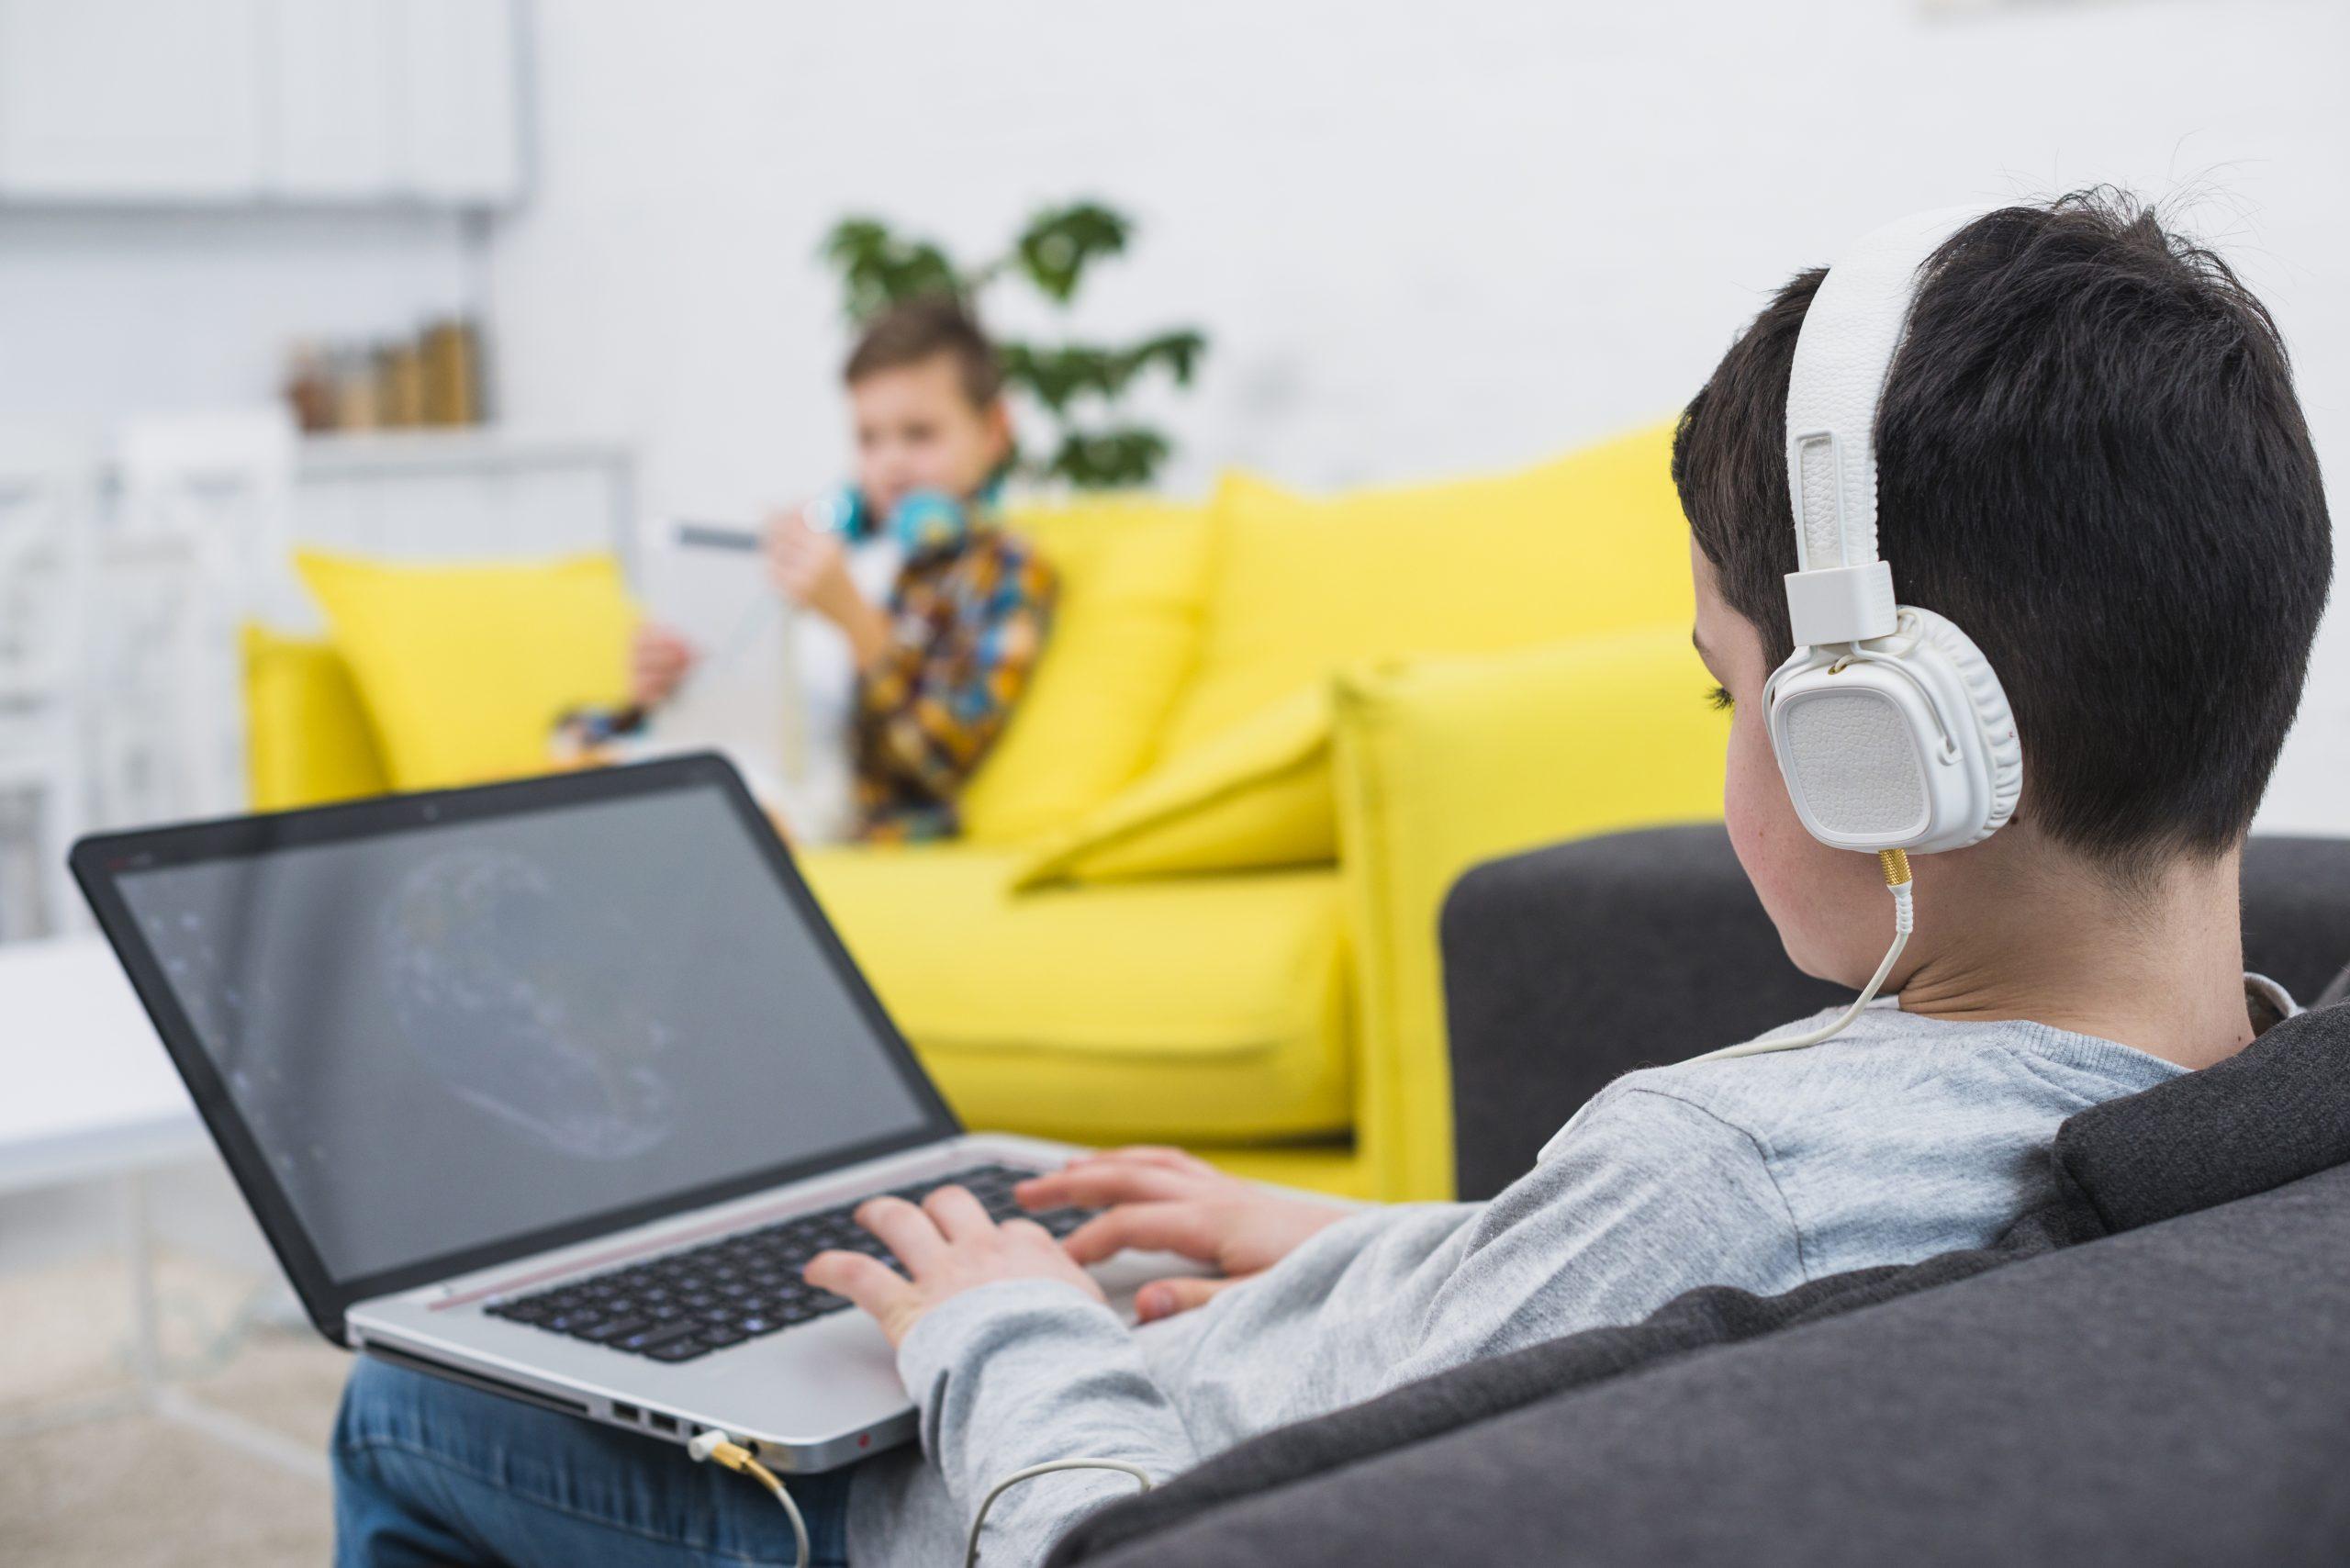 Chłopiec w słuchawkach gra na laptopie